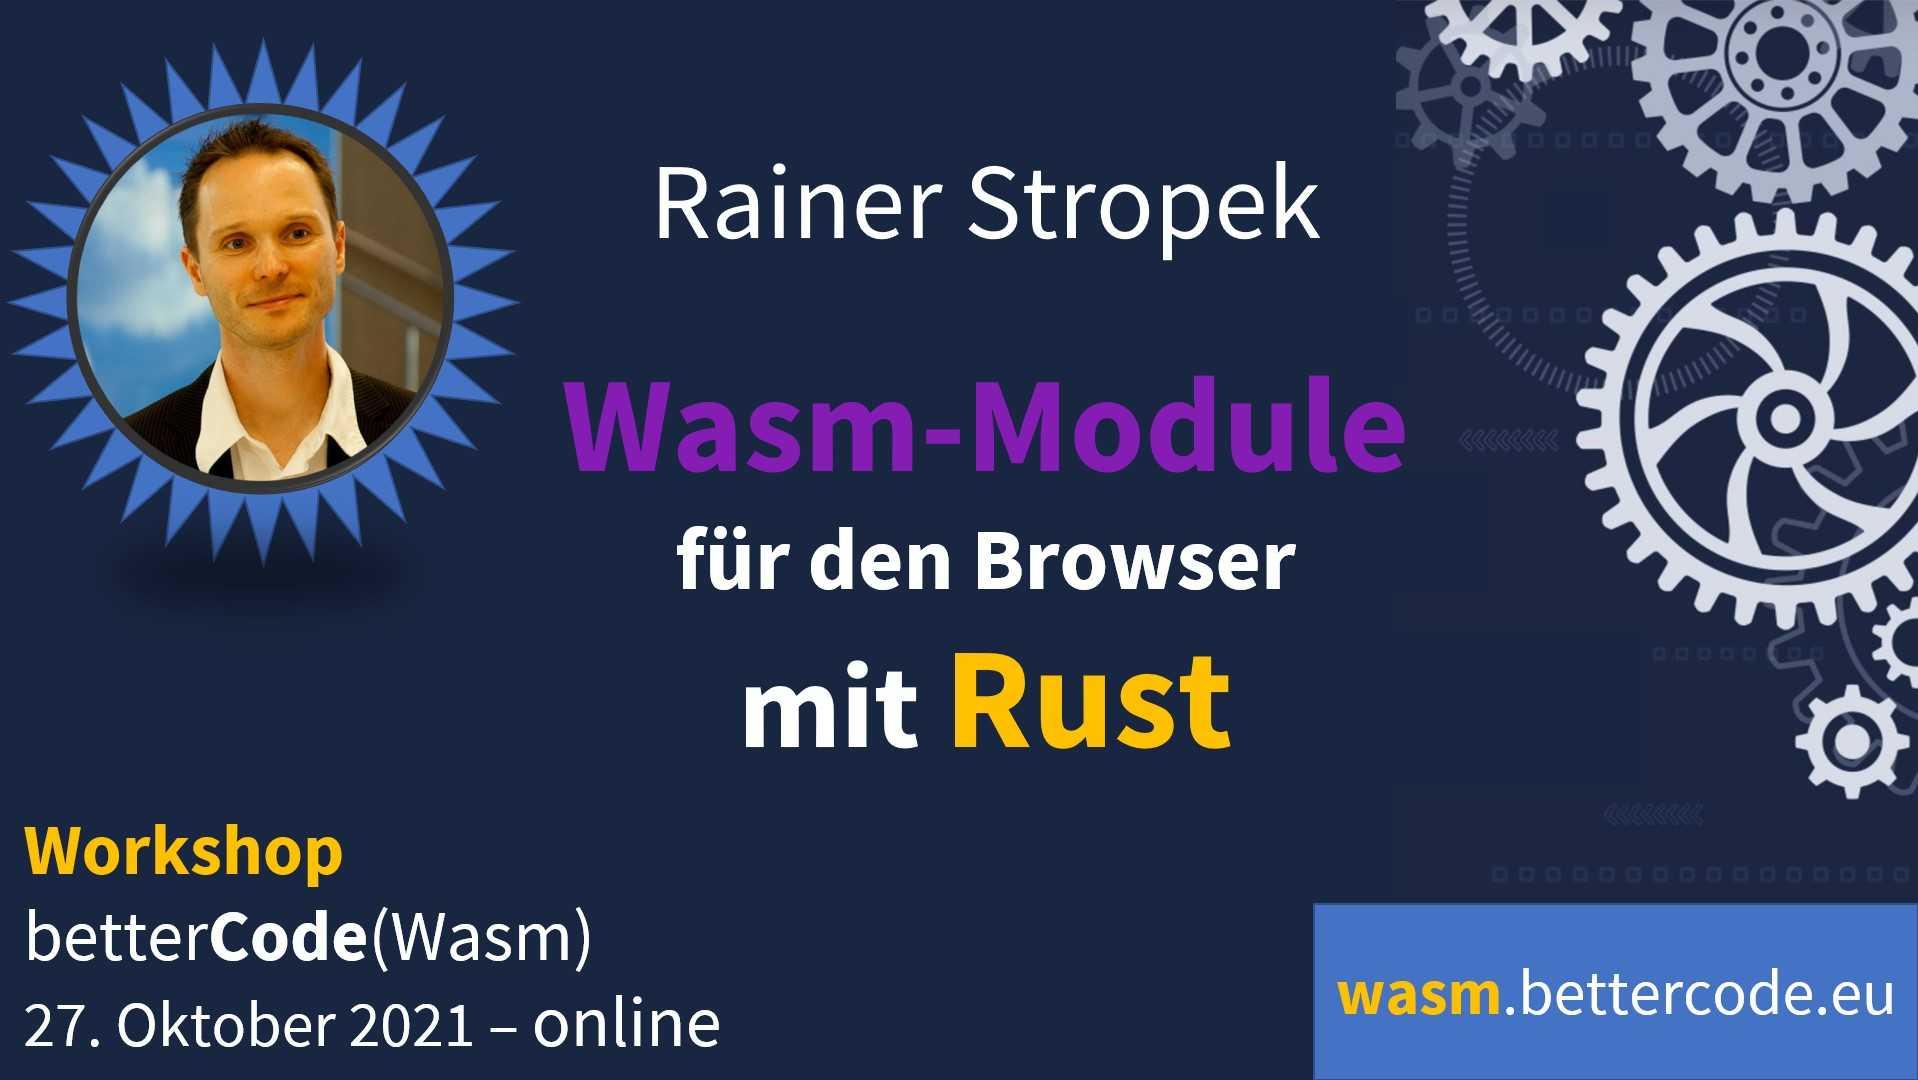 betterCode() Wasm, Online-Konferenz, Workshops zu WebAssembly und Rust, C#, .NET, Blazor WebAssembly 6.0